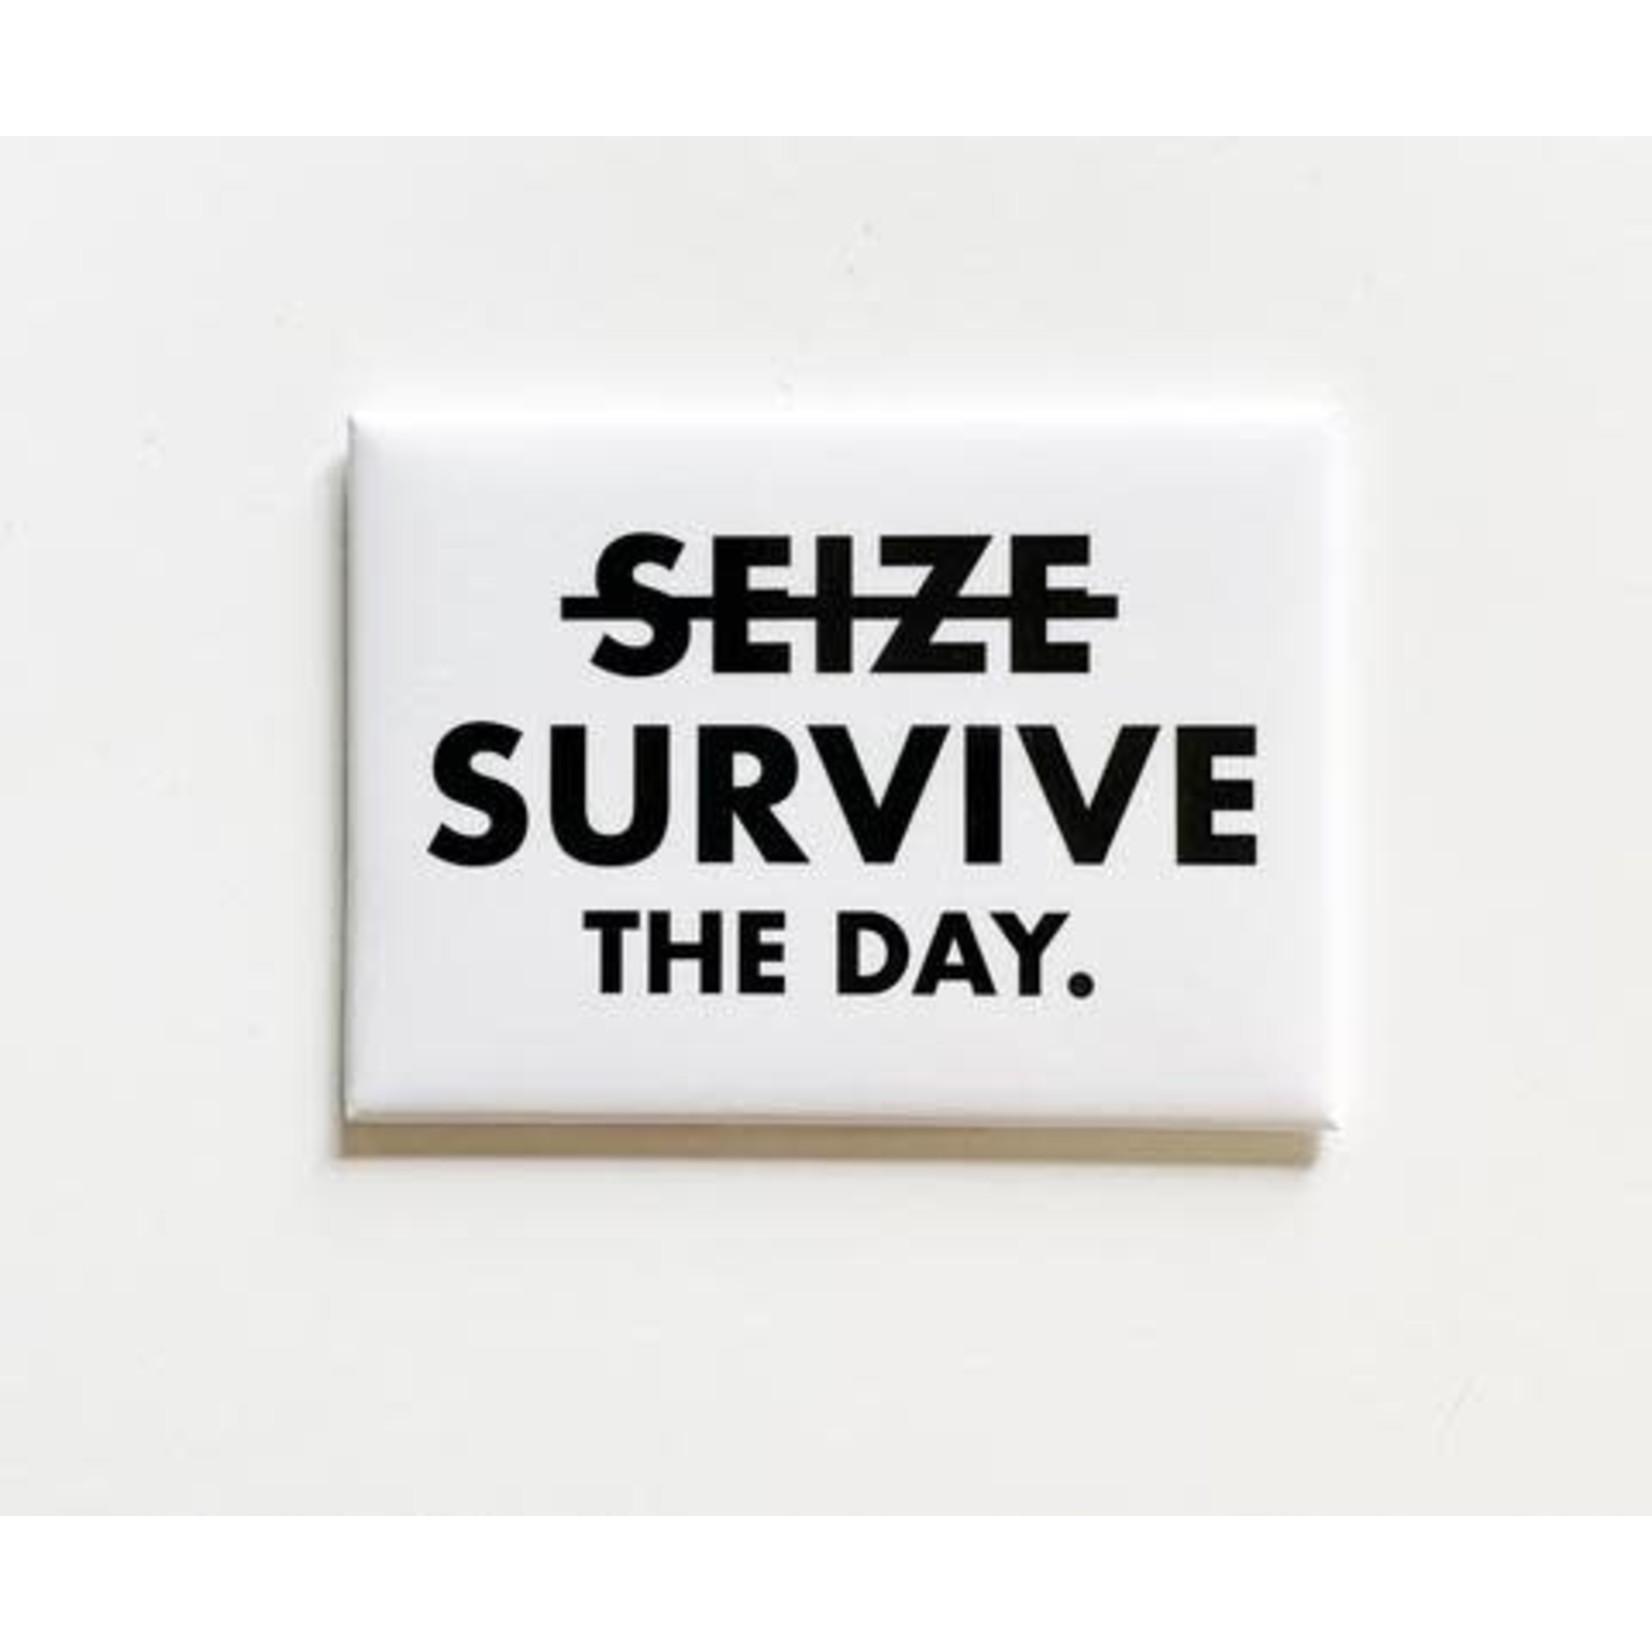 Pretty Alright Goods Sticker - Seize / Survive The Day